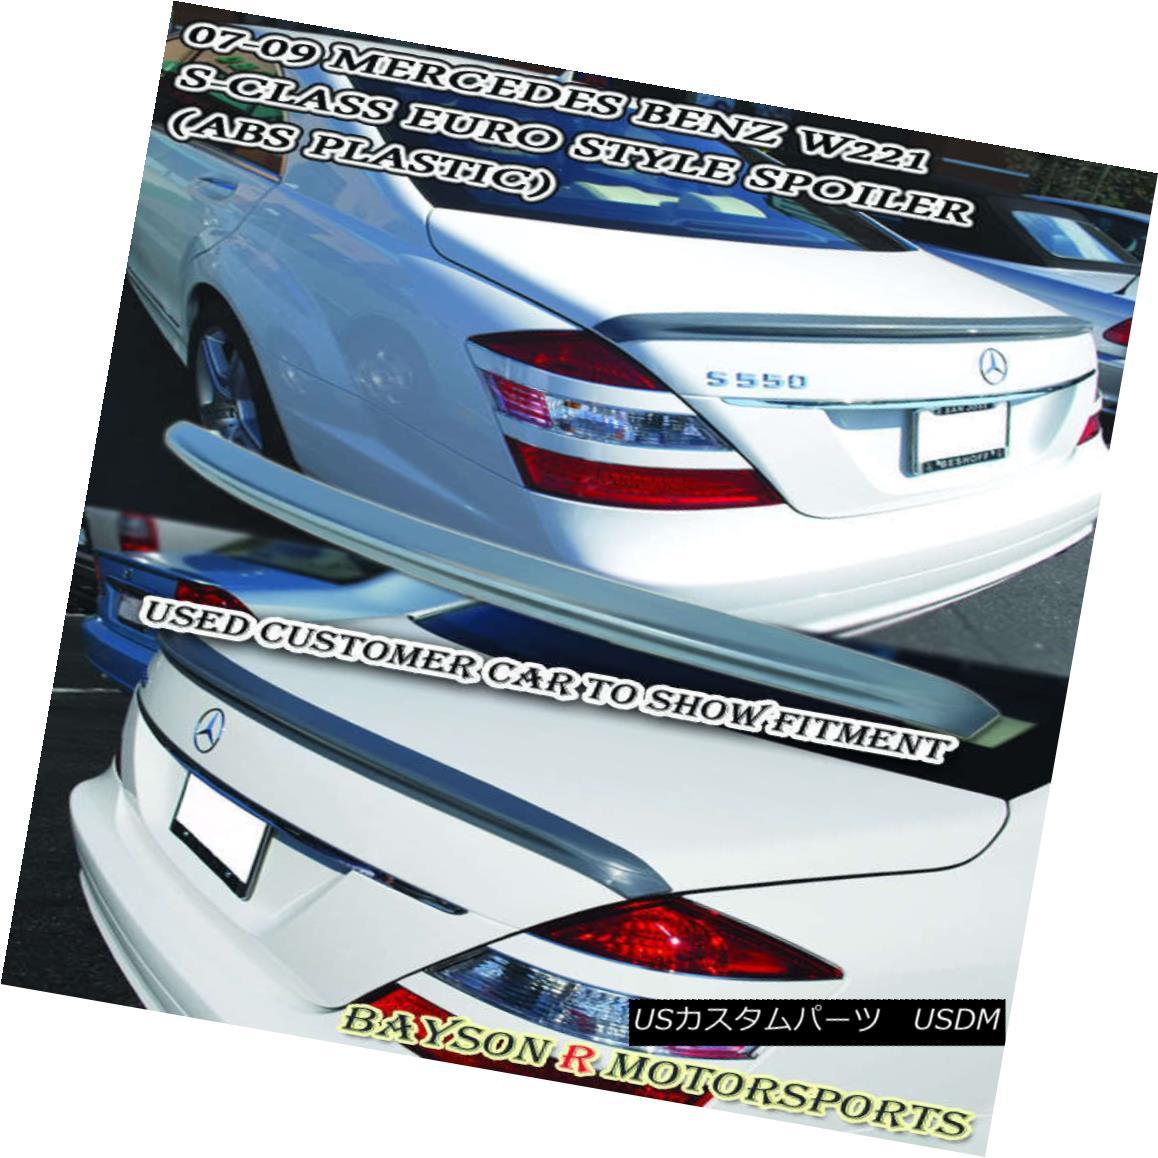 エアロパーツ DP-Style Trunk Spoiler Wing (ABS) Fits 06-13 Mercedes S-Class W221 DPスタイルのトランク・スポイラー・ウィング(ABS)が06-13のメルセデスSクラスW221に適合